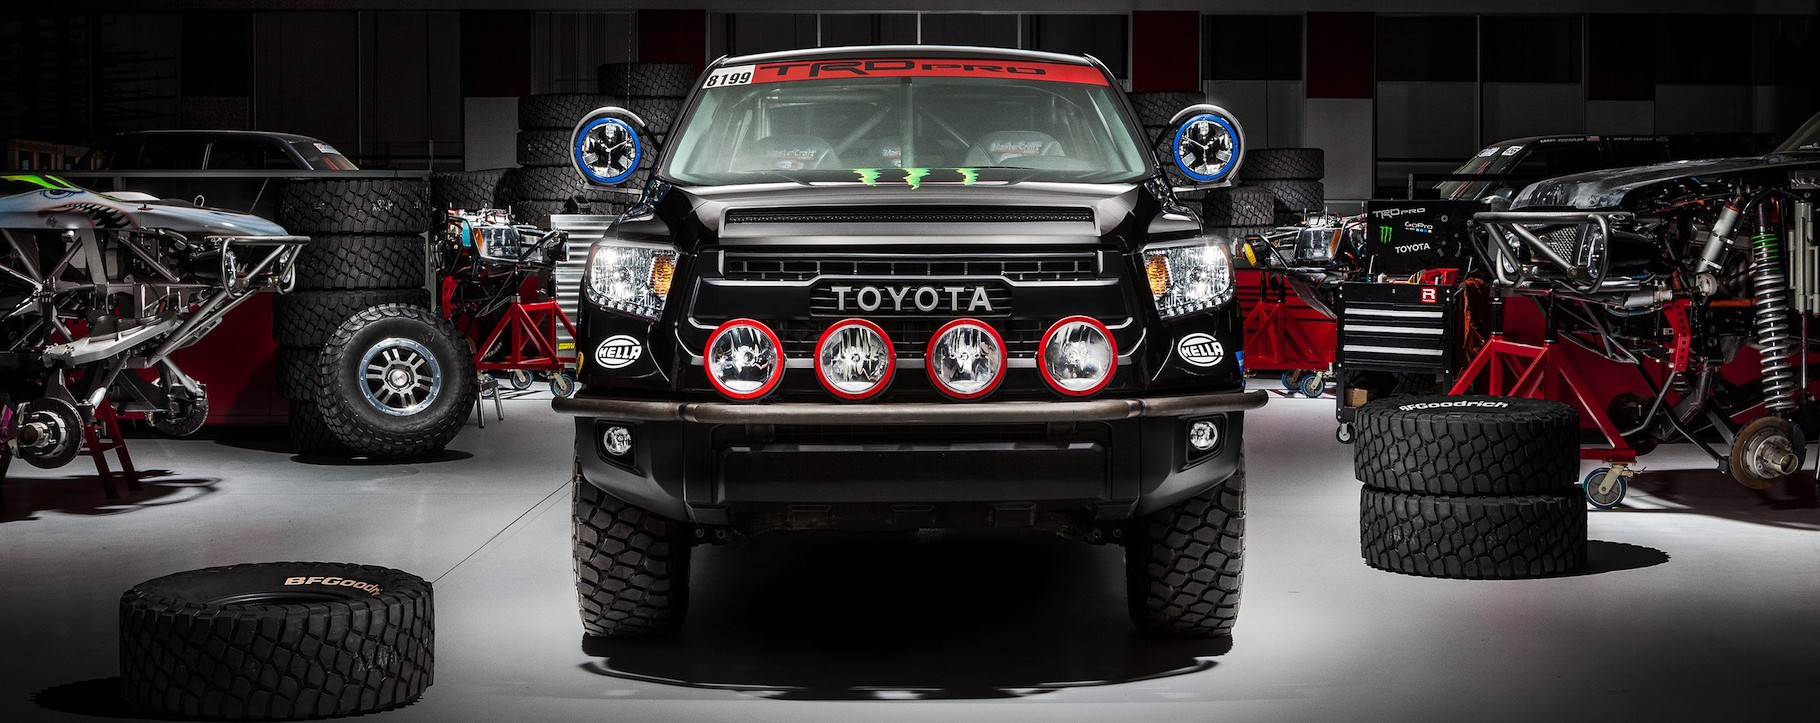 TRD Pro Desert Race Truck Toyota Tundra 2015 - Socal ...